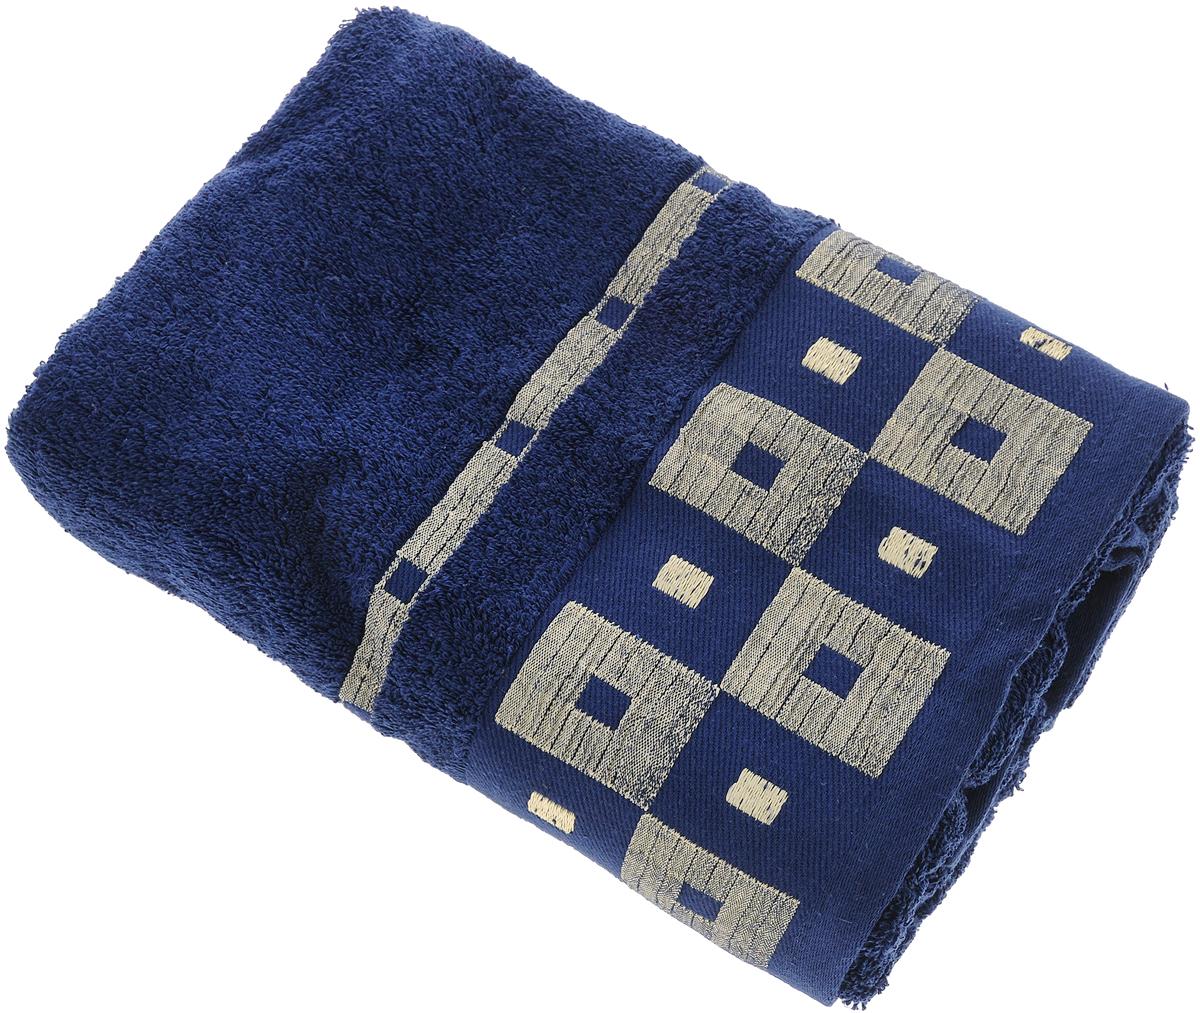 Полотенце Aisha Home Textile, цвет: синий, 70 х 140 смУзТ-ПМ-114-09-19кМахровые полотенца AISHA Home Textile идеальное сочетание цены и качества. Полотенца упакованы в стильную подарочную коробку. В состав входит только натуральное волокно - хлопок. Лаконичные бордюры подойдут для любого интерьера ванной комнаты. Полотенца прекрасно впитывает влагу и быстро сохнут. При соблюдении рекомендаций по уходу не линяют и не теряют форму даже после многократных стирок.Состав: 100% хлопок.